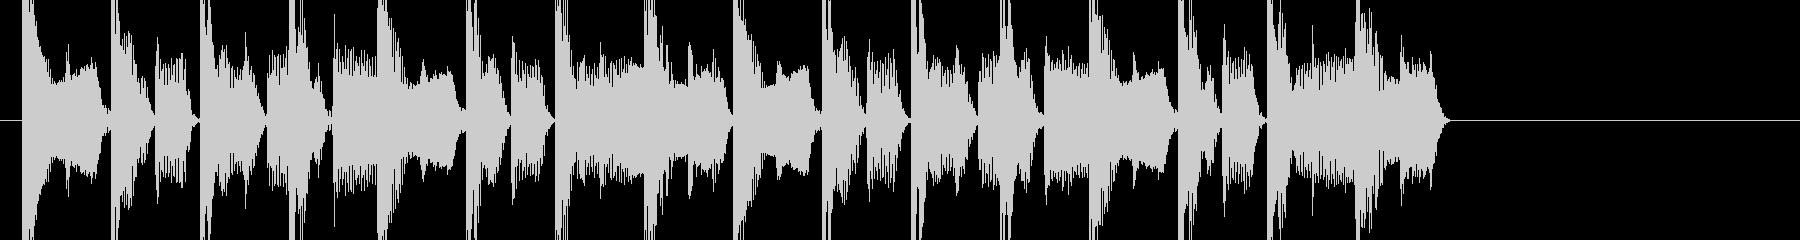 ダンサブルなEDMのジングルです。の未再生の波形